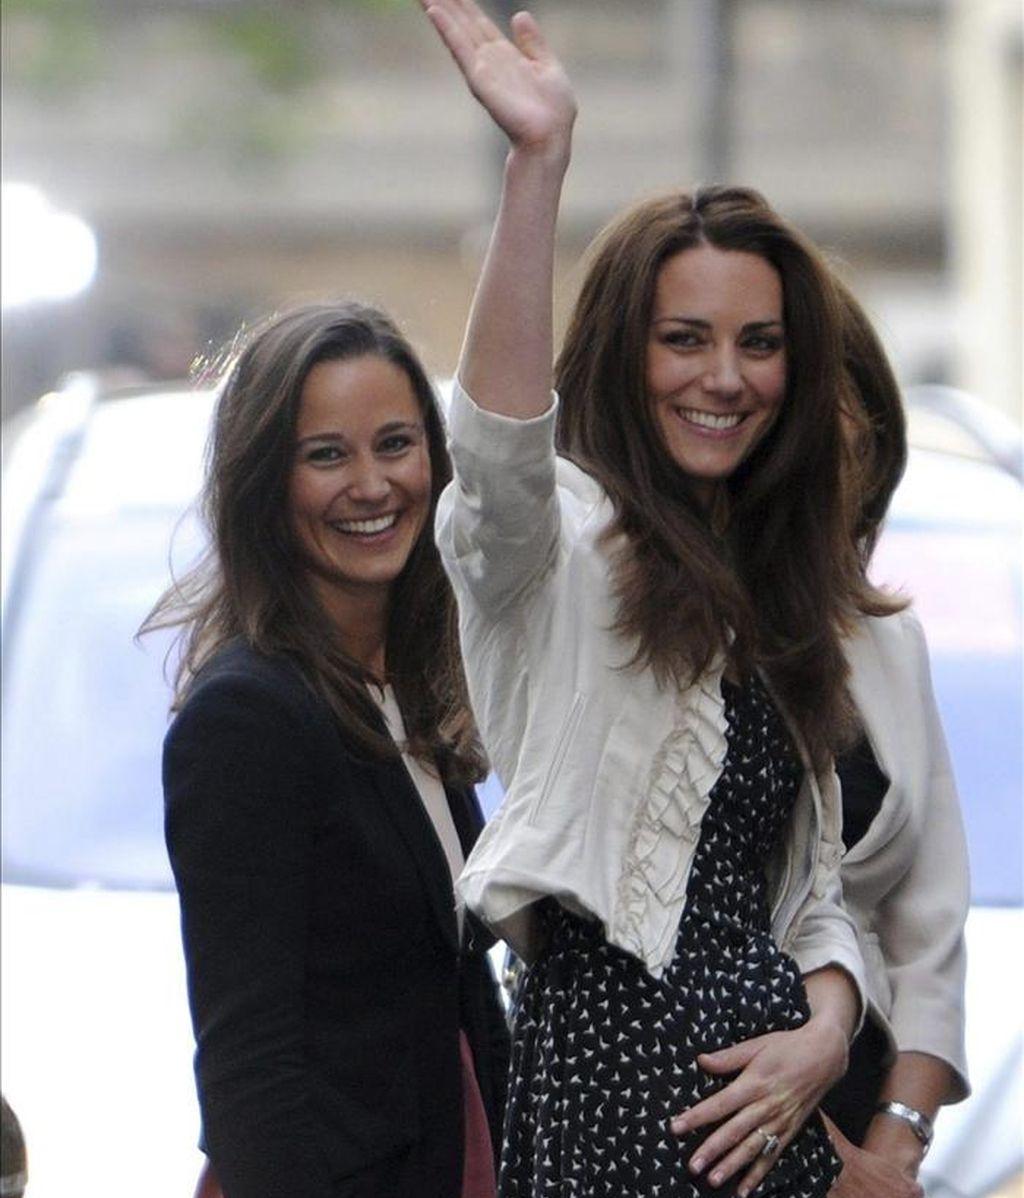 Kate Middleton (c), prometida del príncipe Guillermo, sonríe entre su hermana, Pippa (i), y su madre, Carole, en el exterior del Goring Hotel, en Londres (Reino Unido). EFE